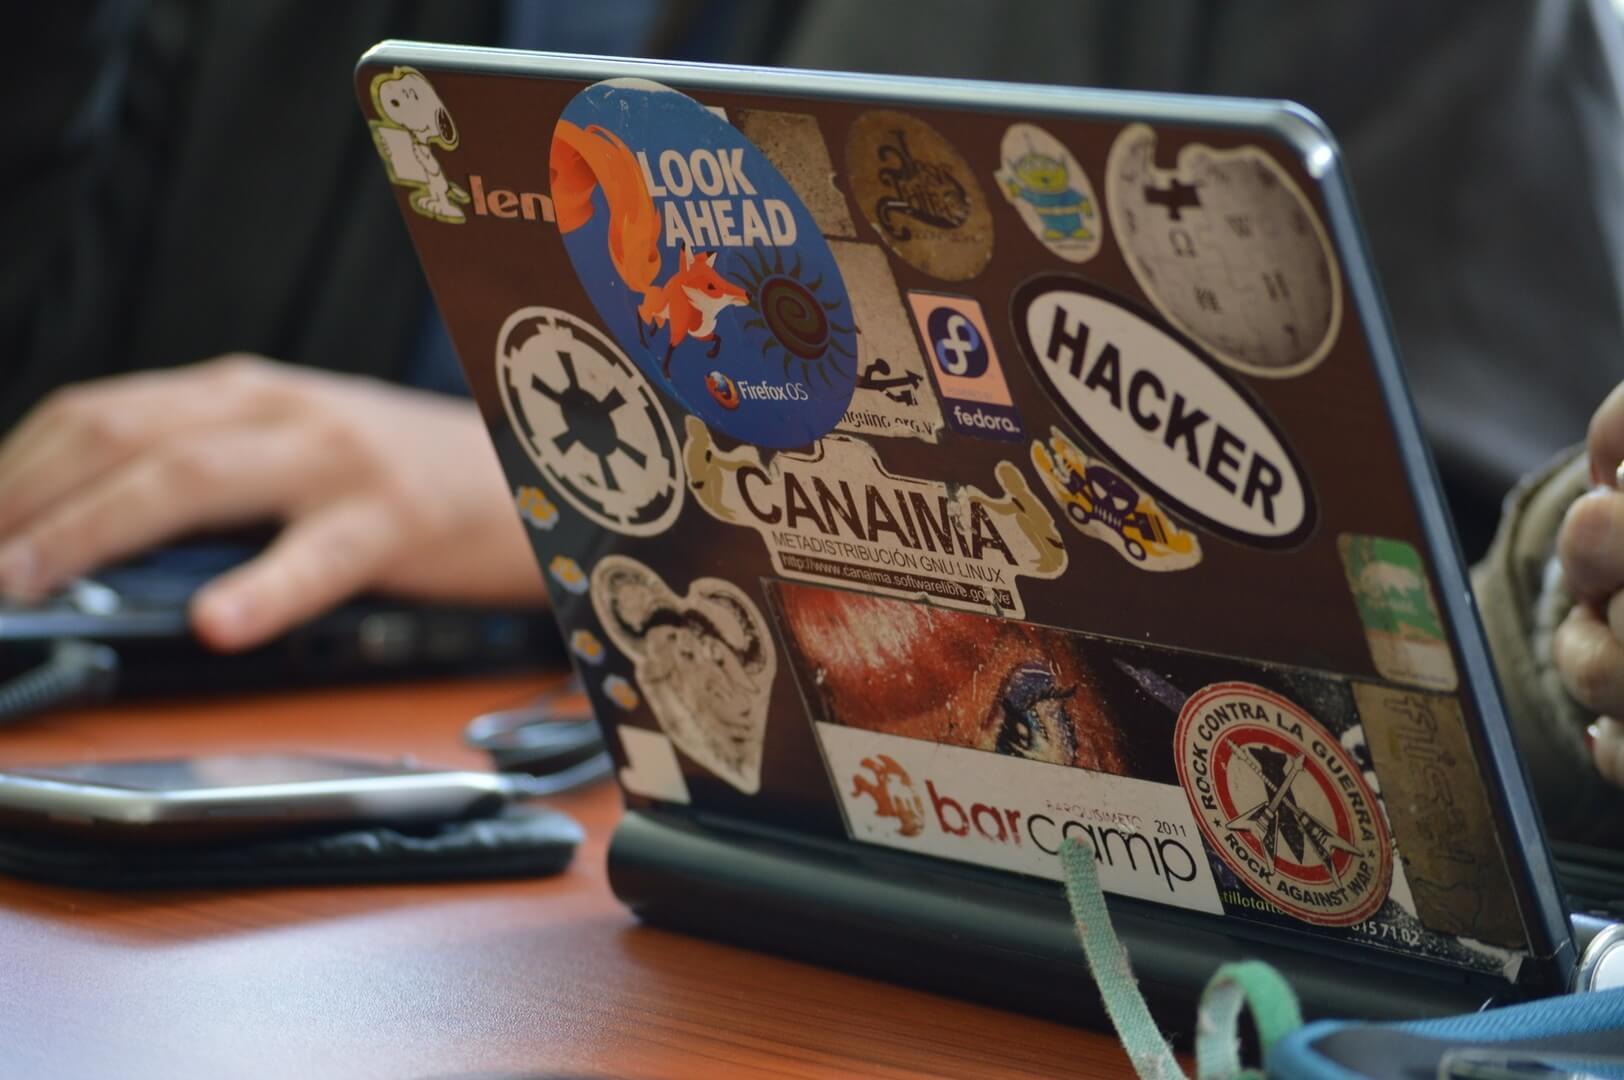 laptop computer internet hacker cybersecurity veiligheid beveiliging privacy wifi